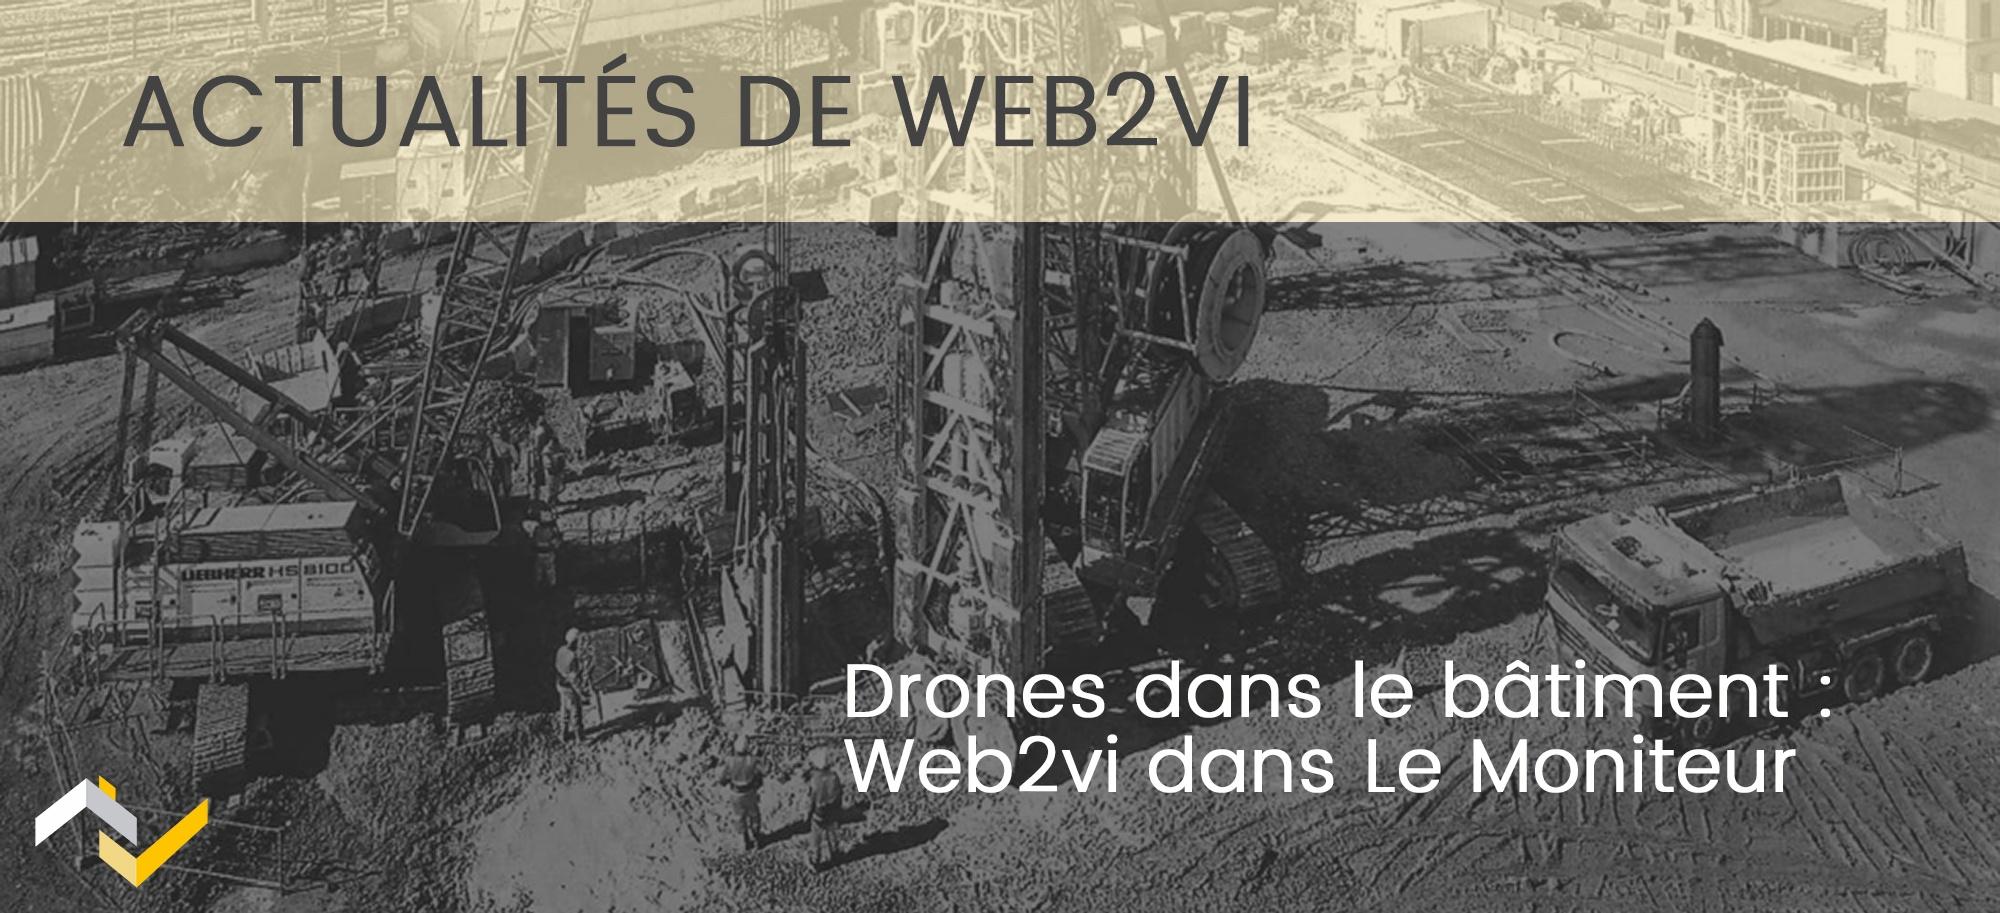 Drones dans le bâtiment : on parle de Web2vi dans Le Moniteur